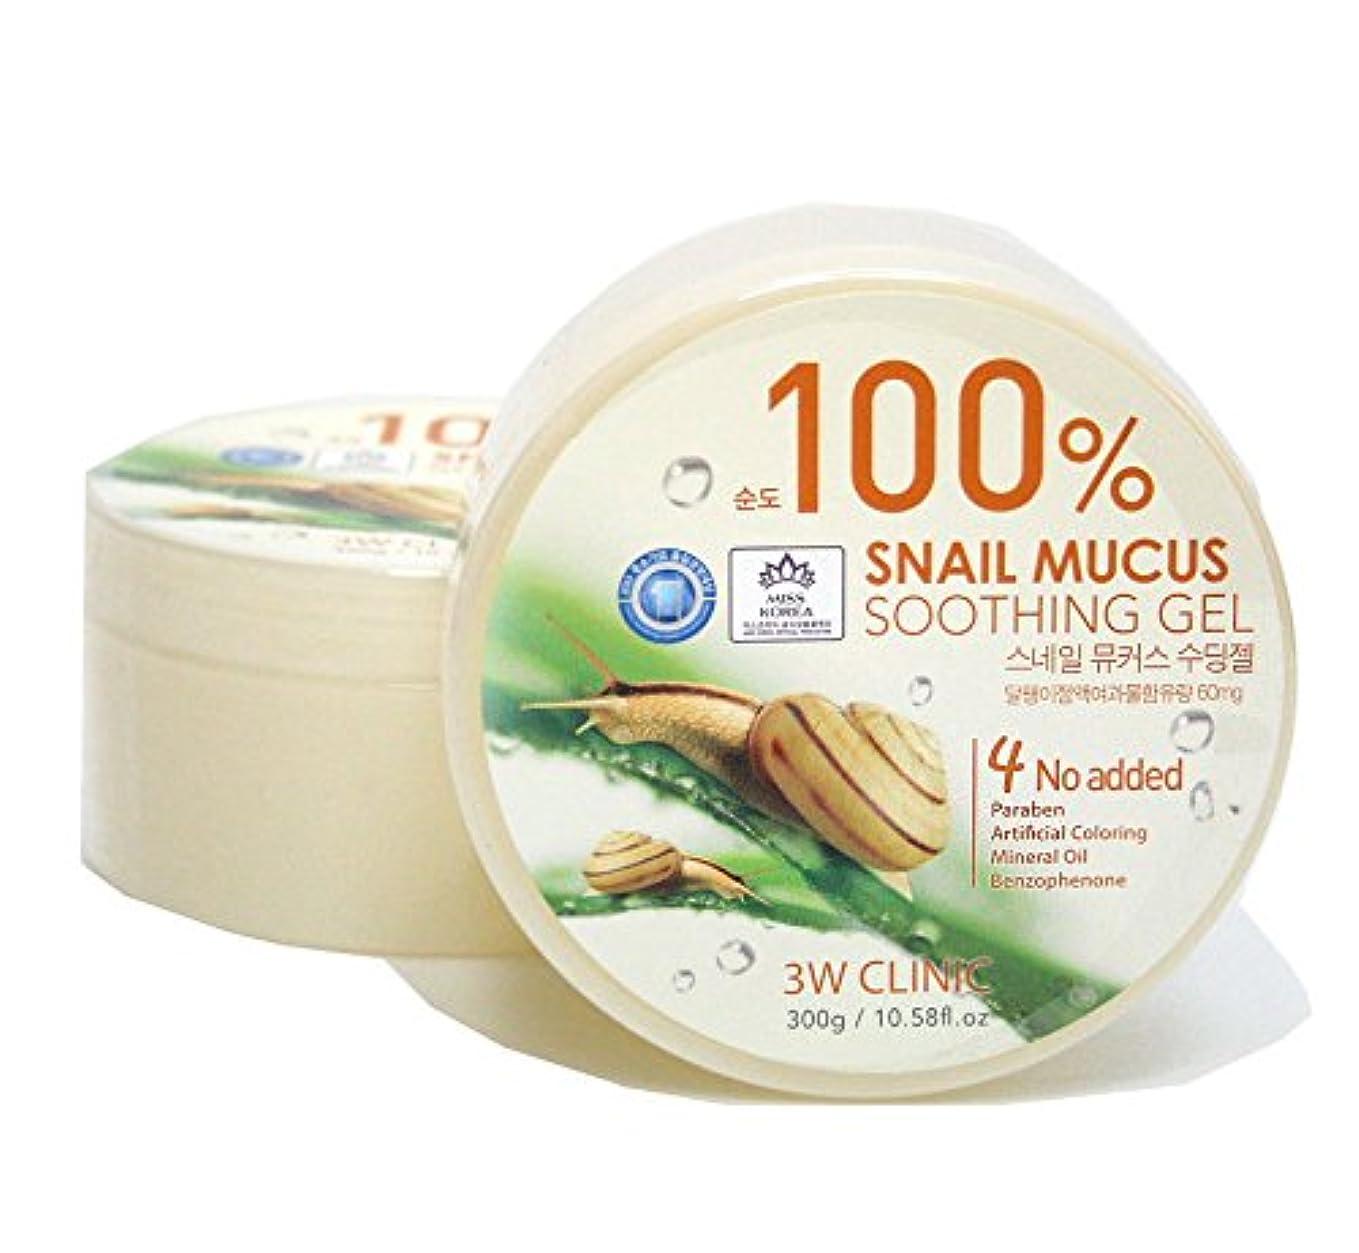 うめき声人物コーナー[3W CLINIC] カタツムリ粘液スージングジェル300g / Snail Mucus Soothing Gel 300g / 水分/オールスキンタイプ / Moisture / fresh and smooth /...